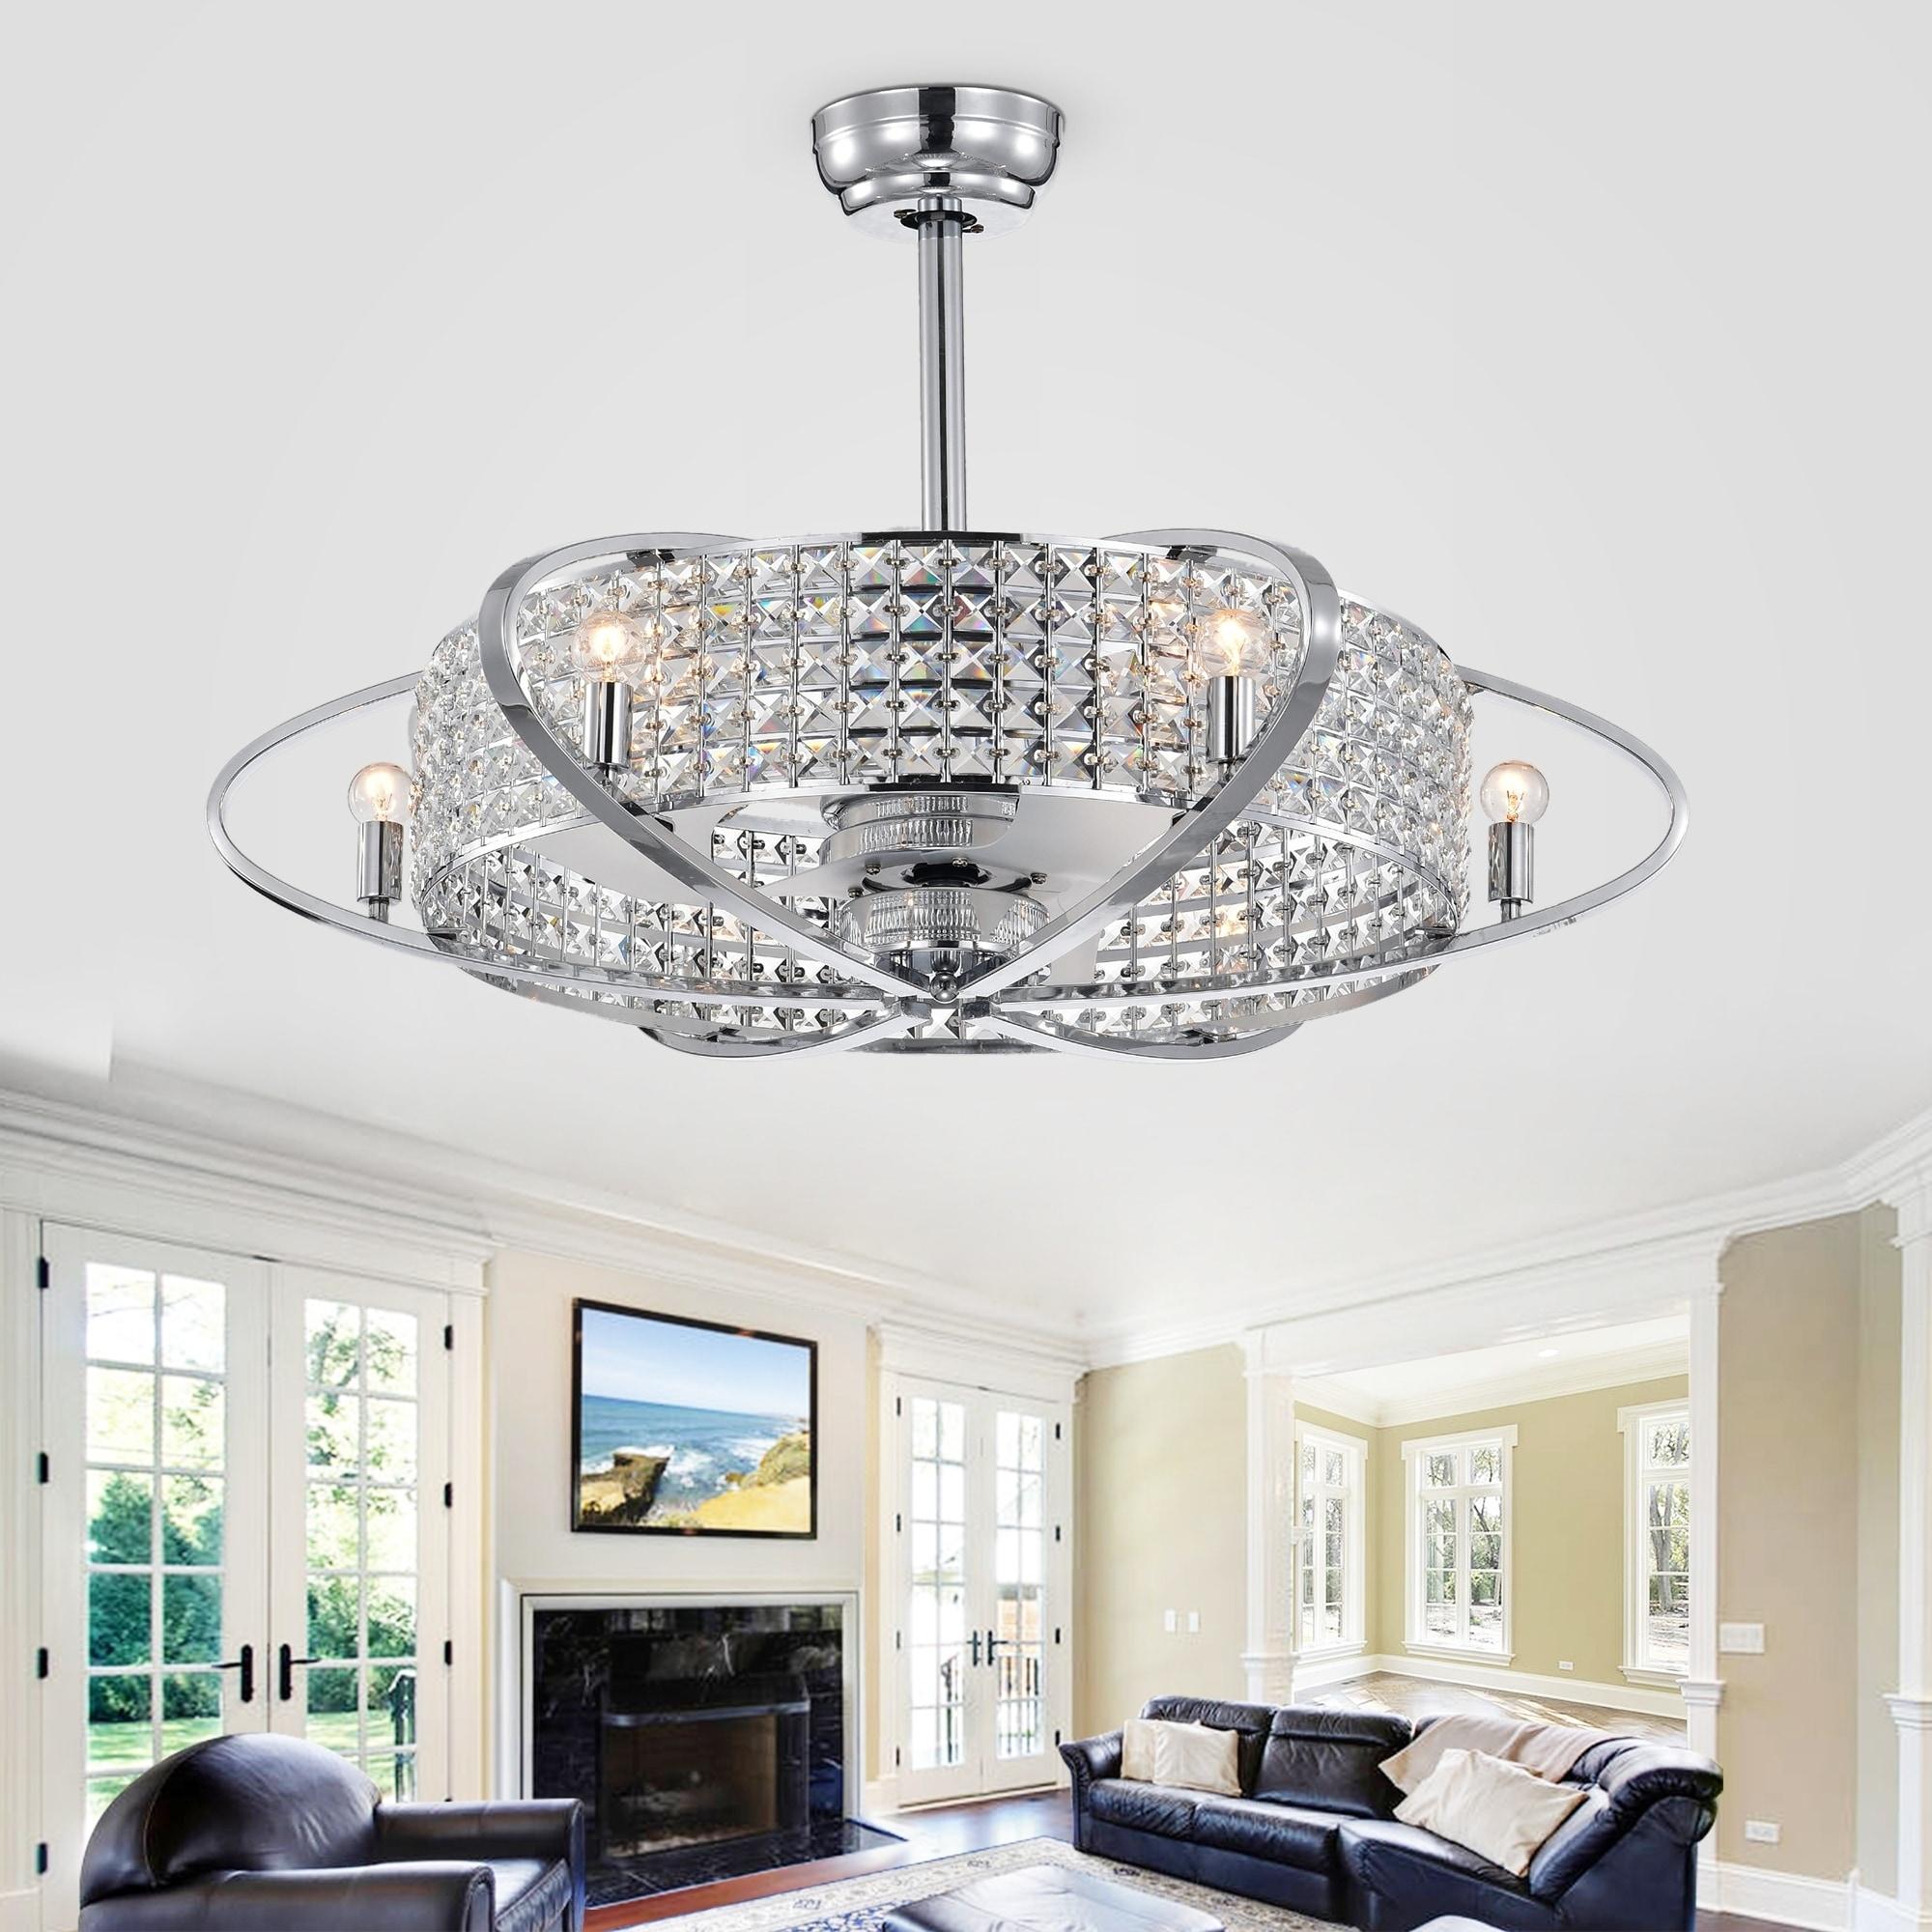 33 Inch Fandelier Lighted Ceiling Fan